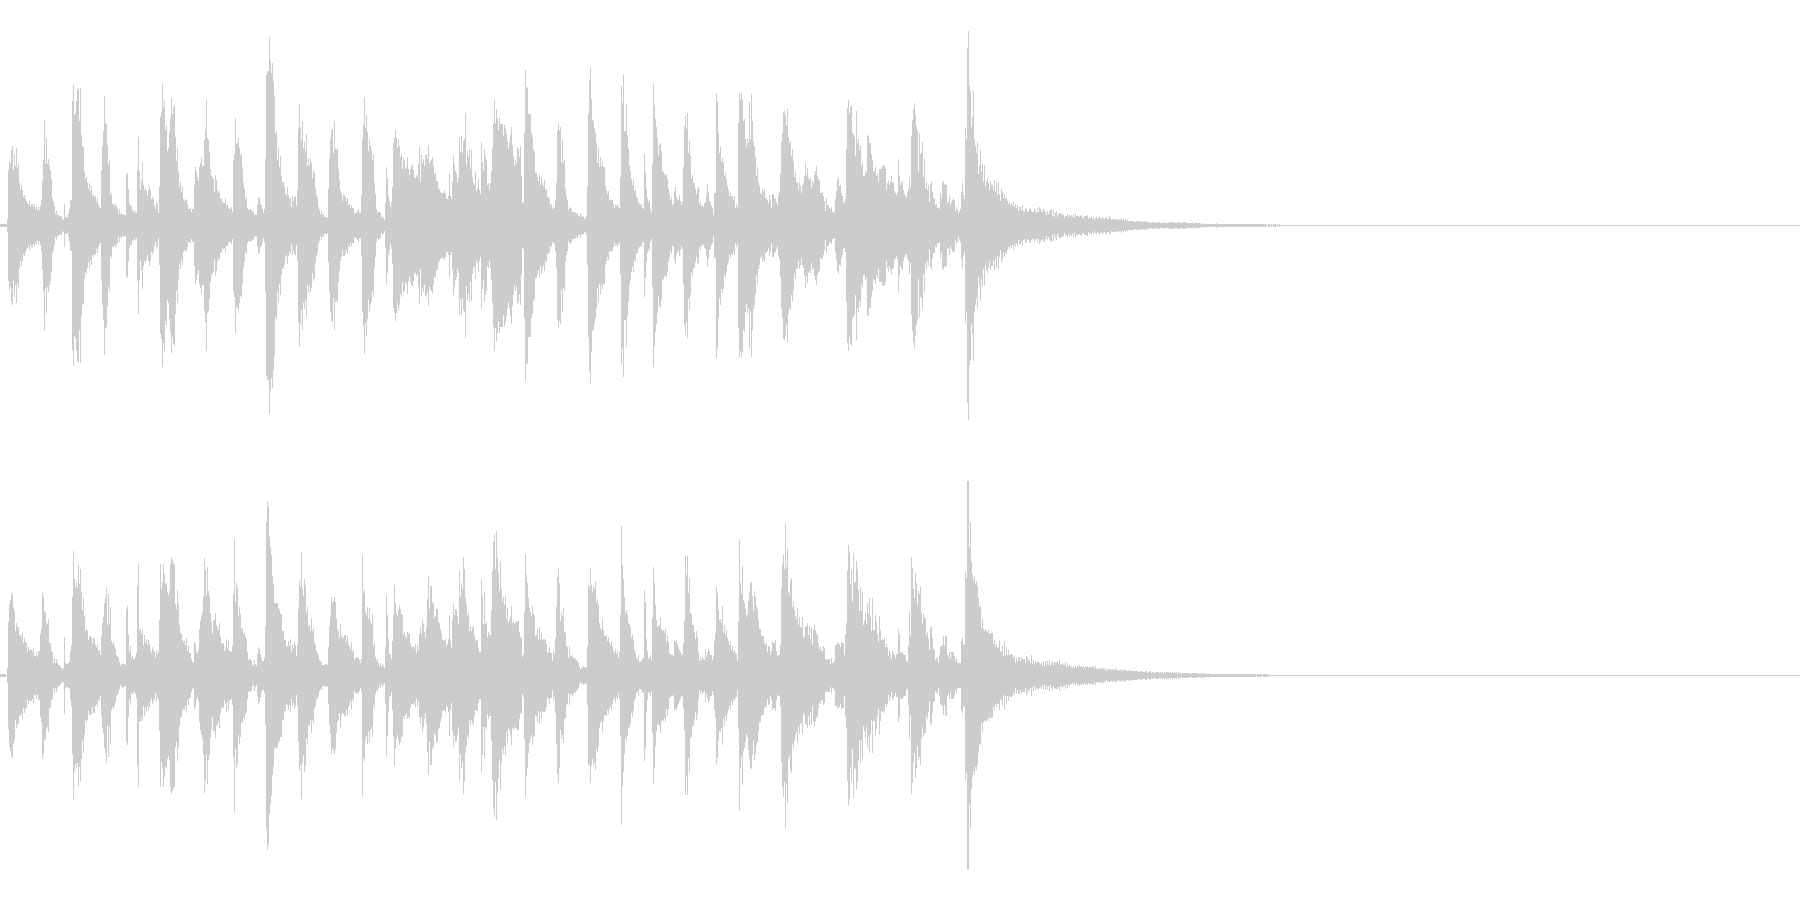 生演奏ジングル15秒・陽気なピアノジャズの未再生の波形